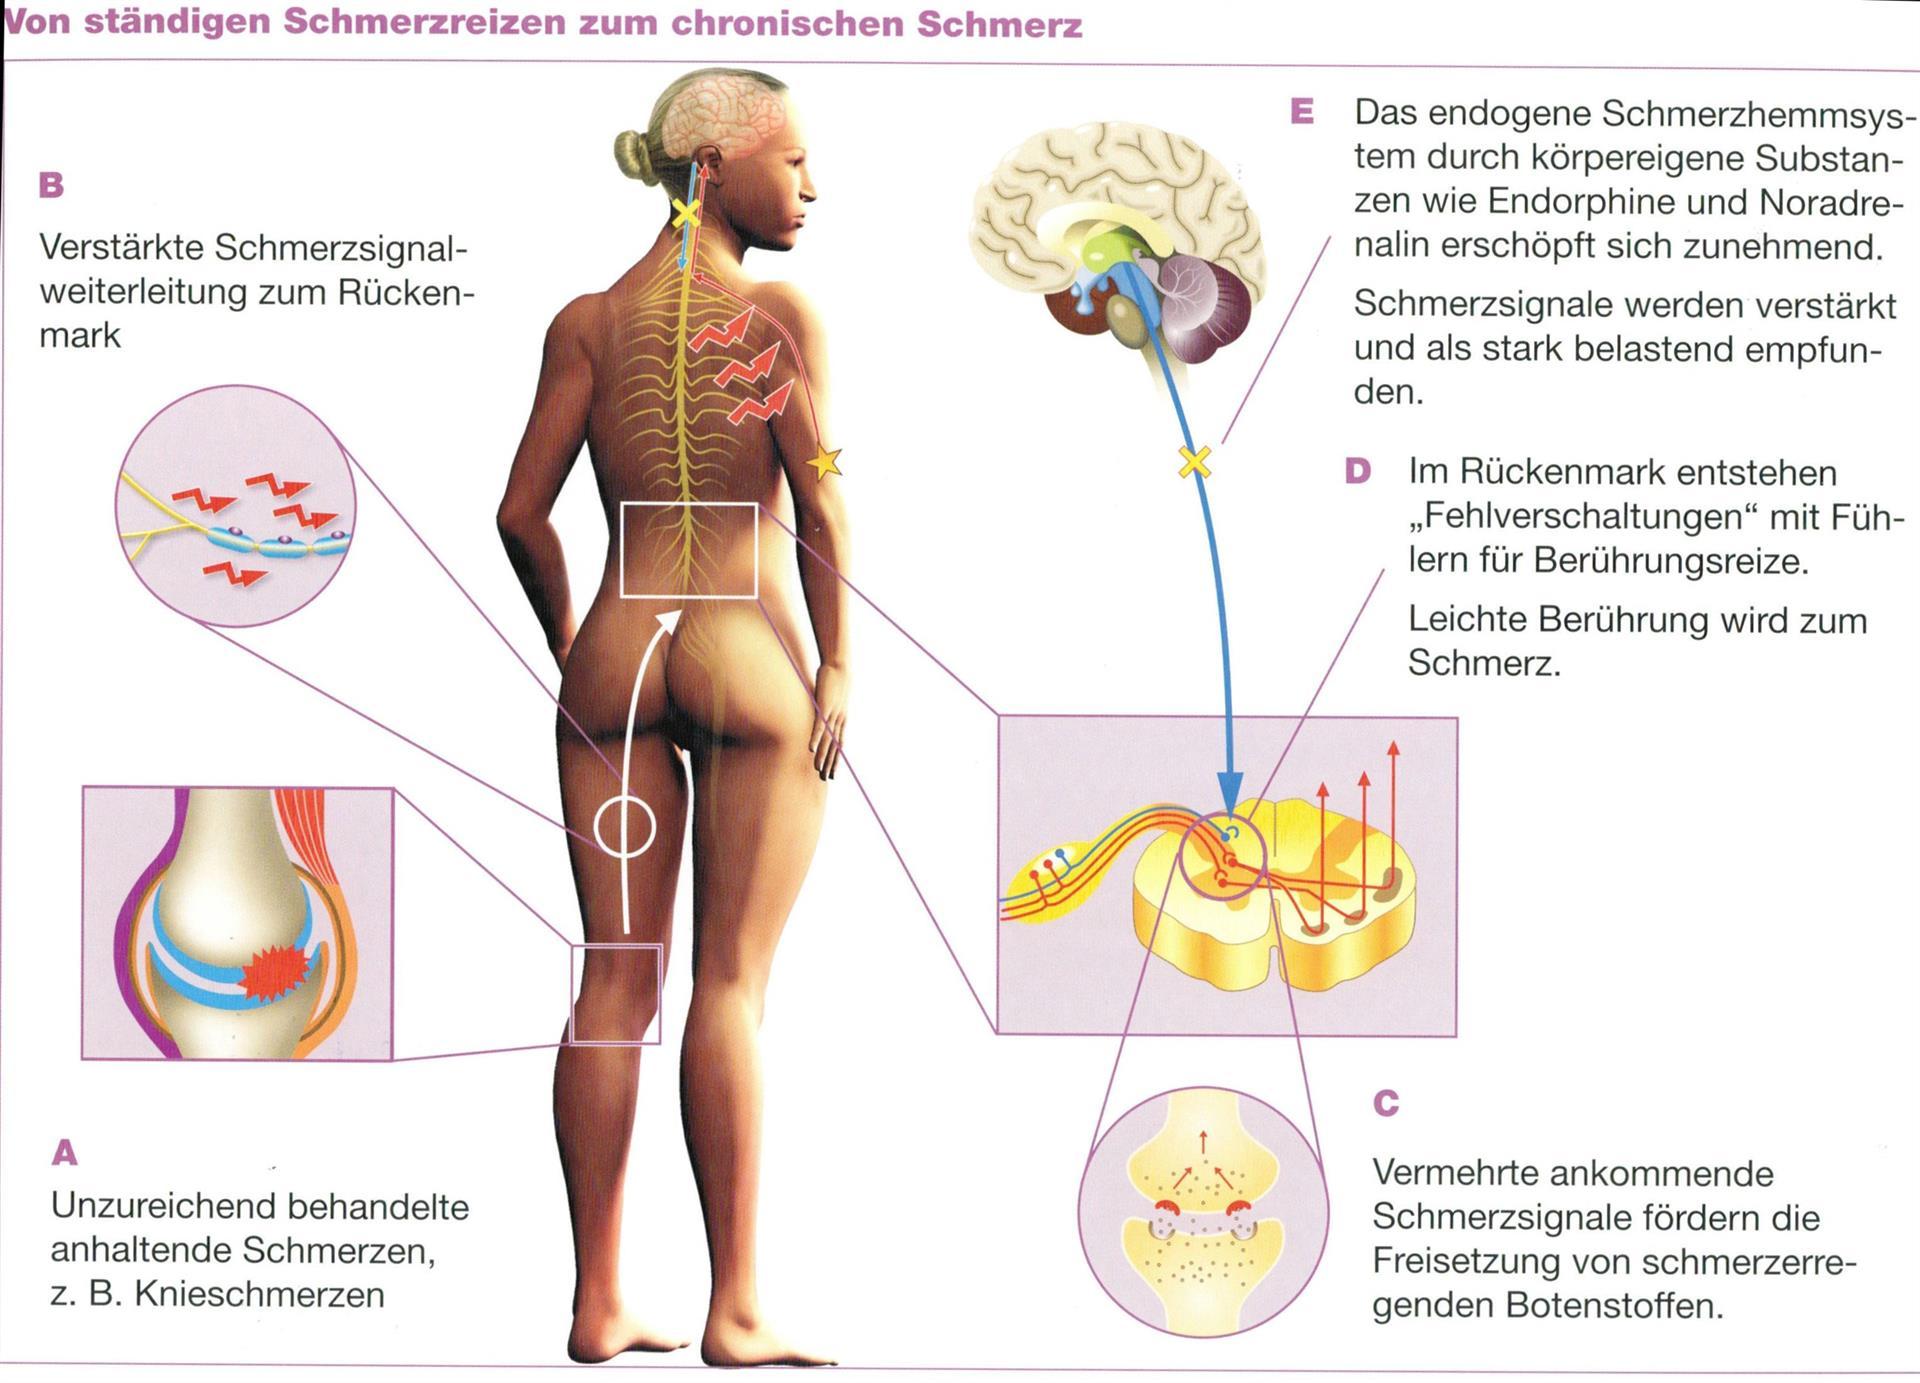 Schmerzen in der linken Flanke, Niere, Colon, Milz oder